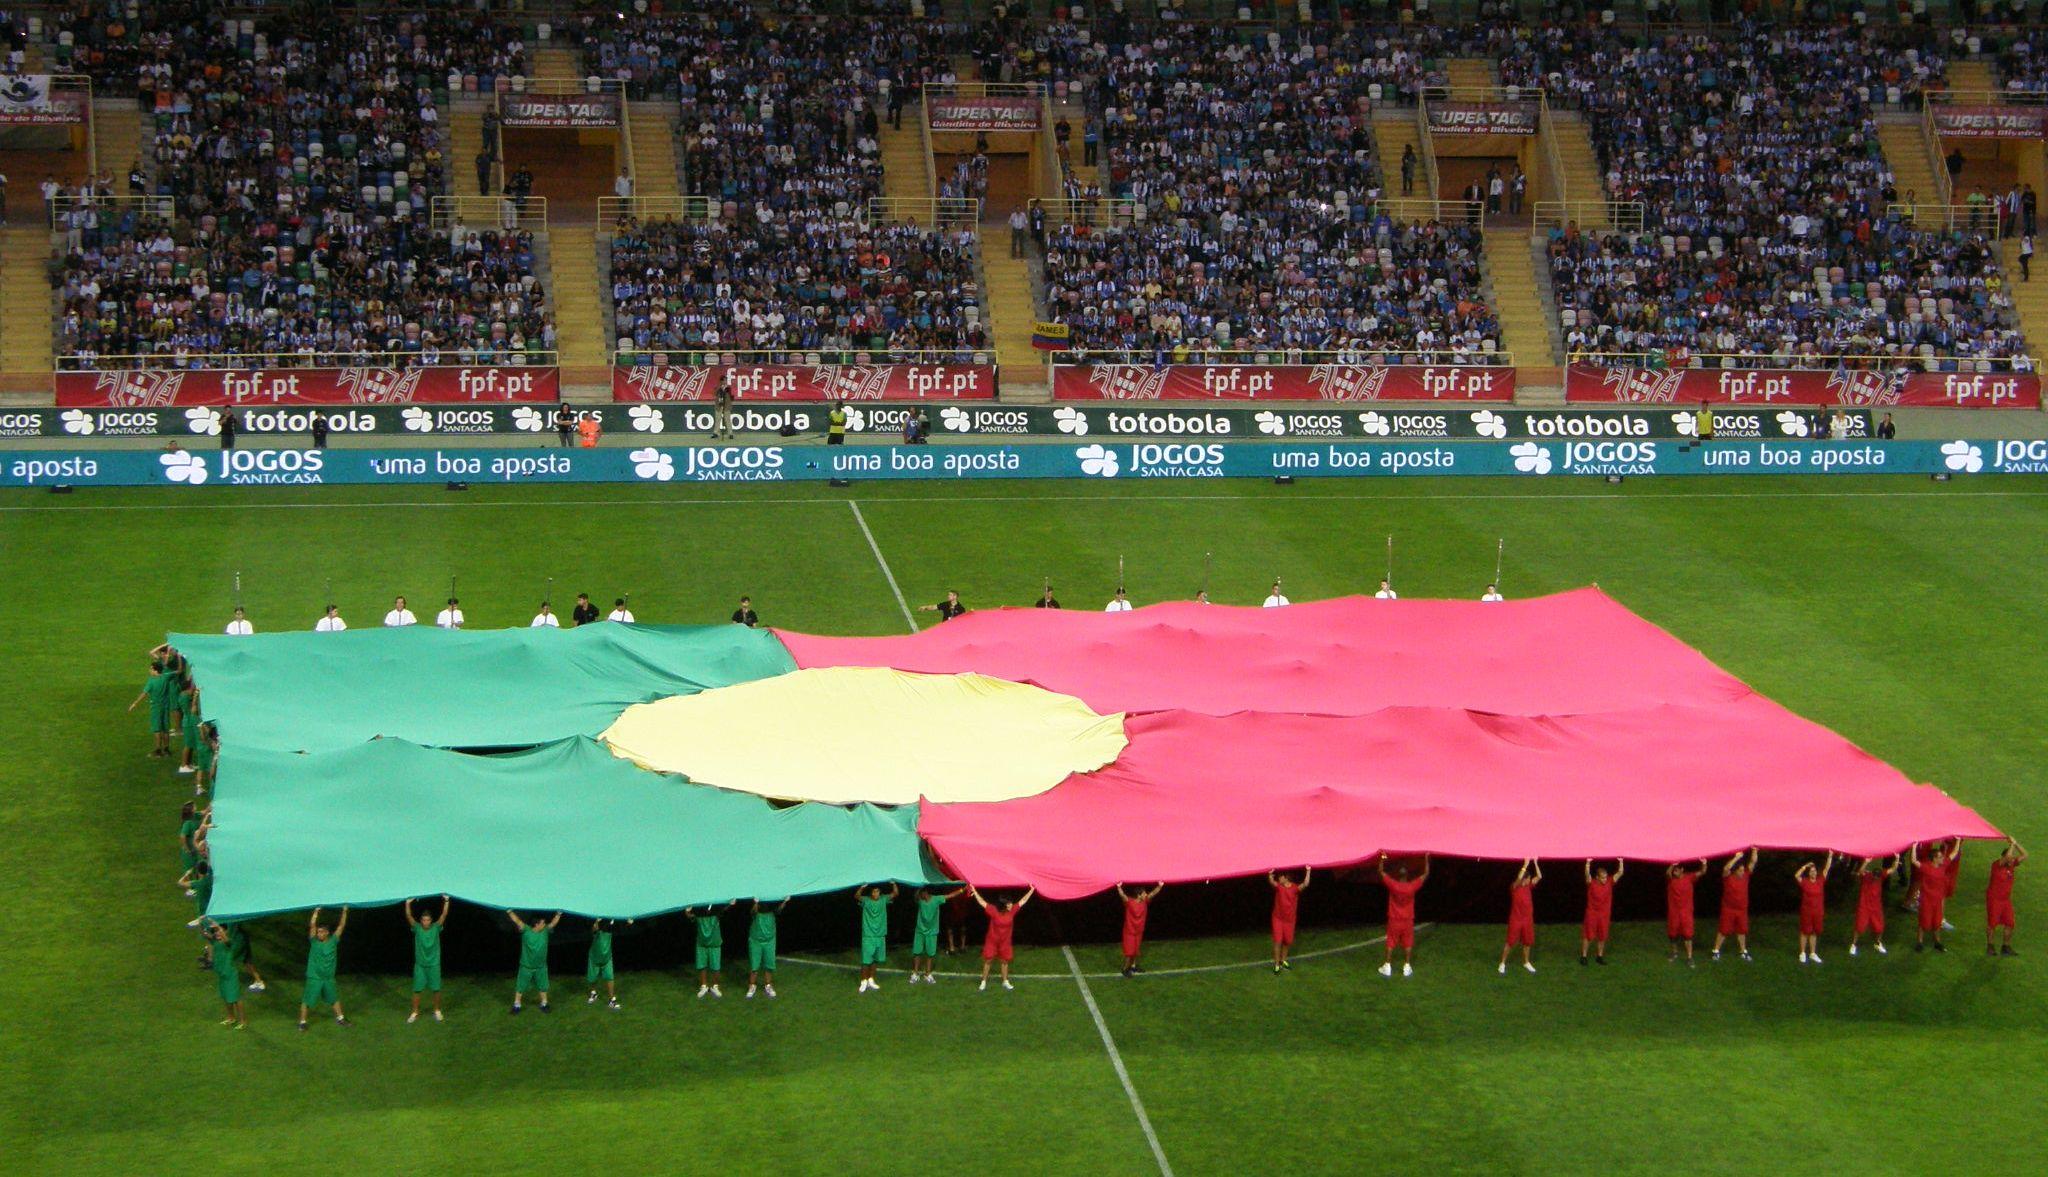 Comienza la Liga Zon Sagres 2012/13